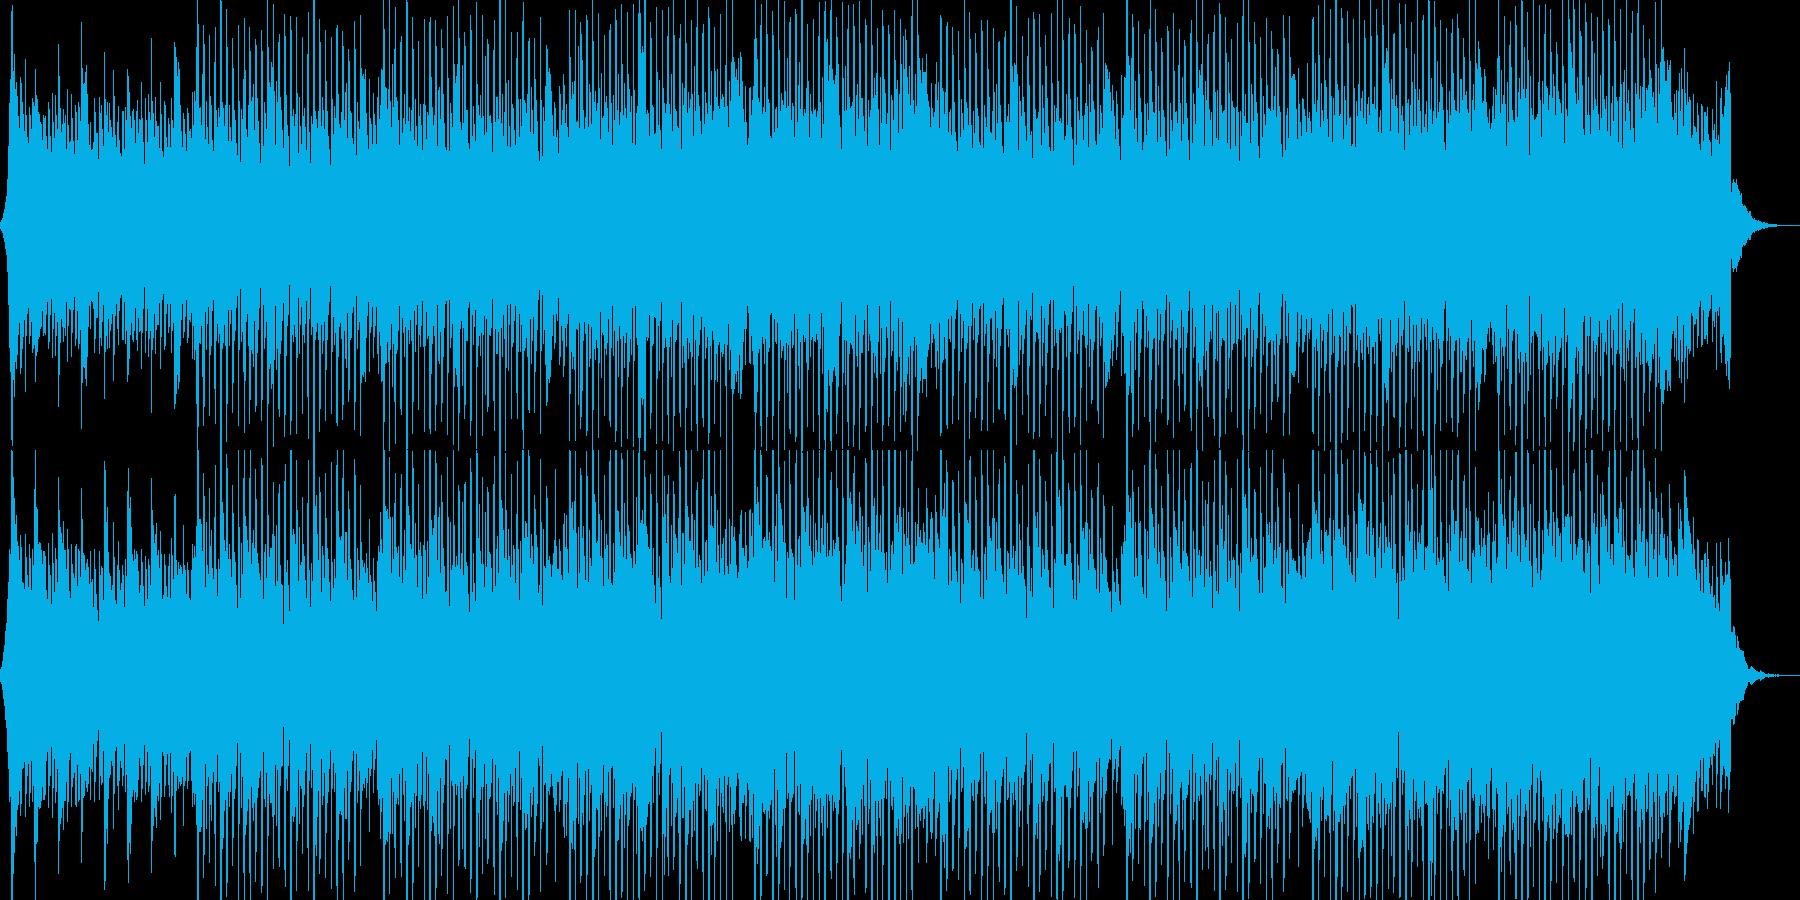 企業VP系44、爽やかギター4つ打ちaの再生済みの波形